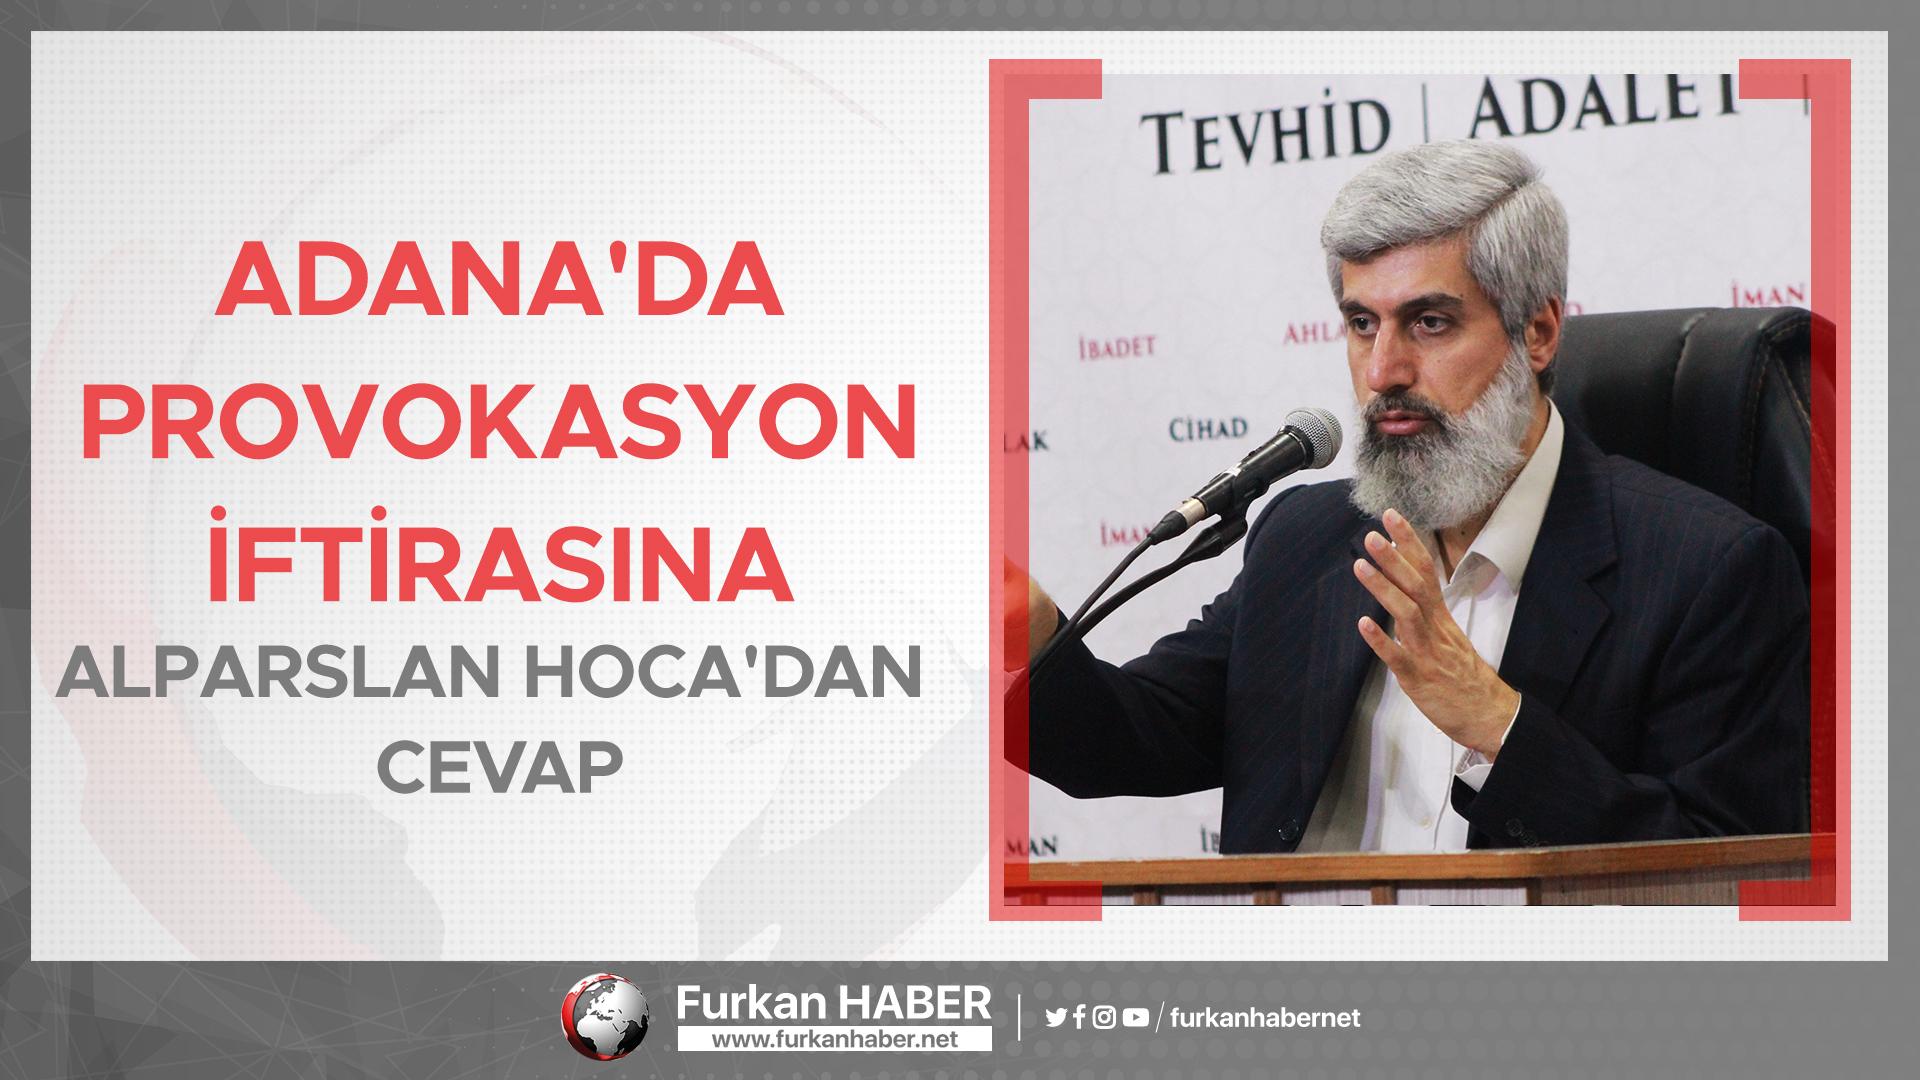 Adana'da Provokasyon İftirasına Alparslan Hoca'dan Cevap